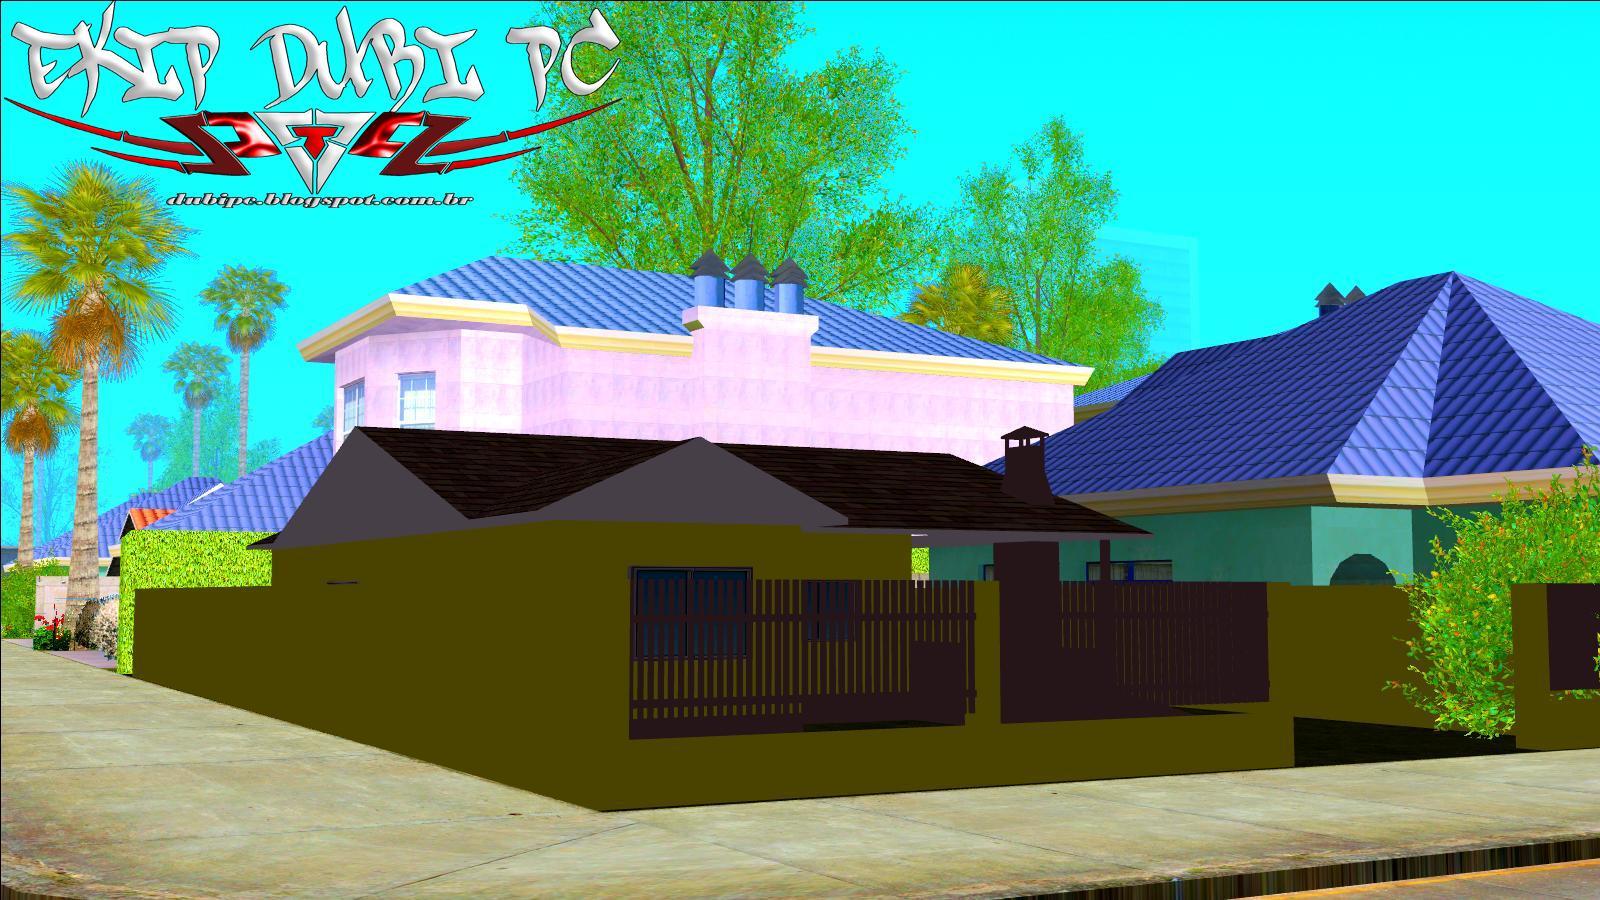 Gta san casa simples com garagem by lukinhas013 ekip for Casa moderna gta sa